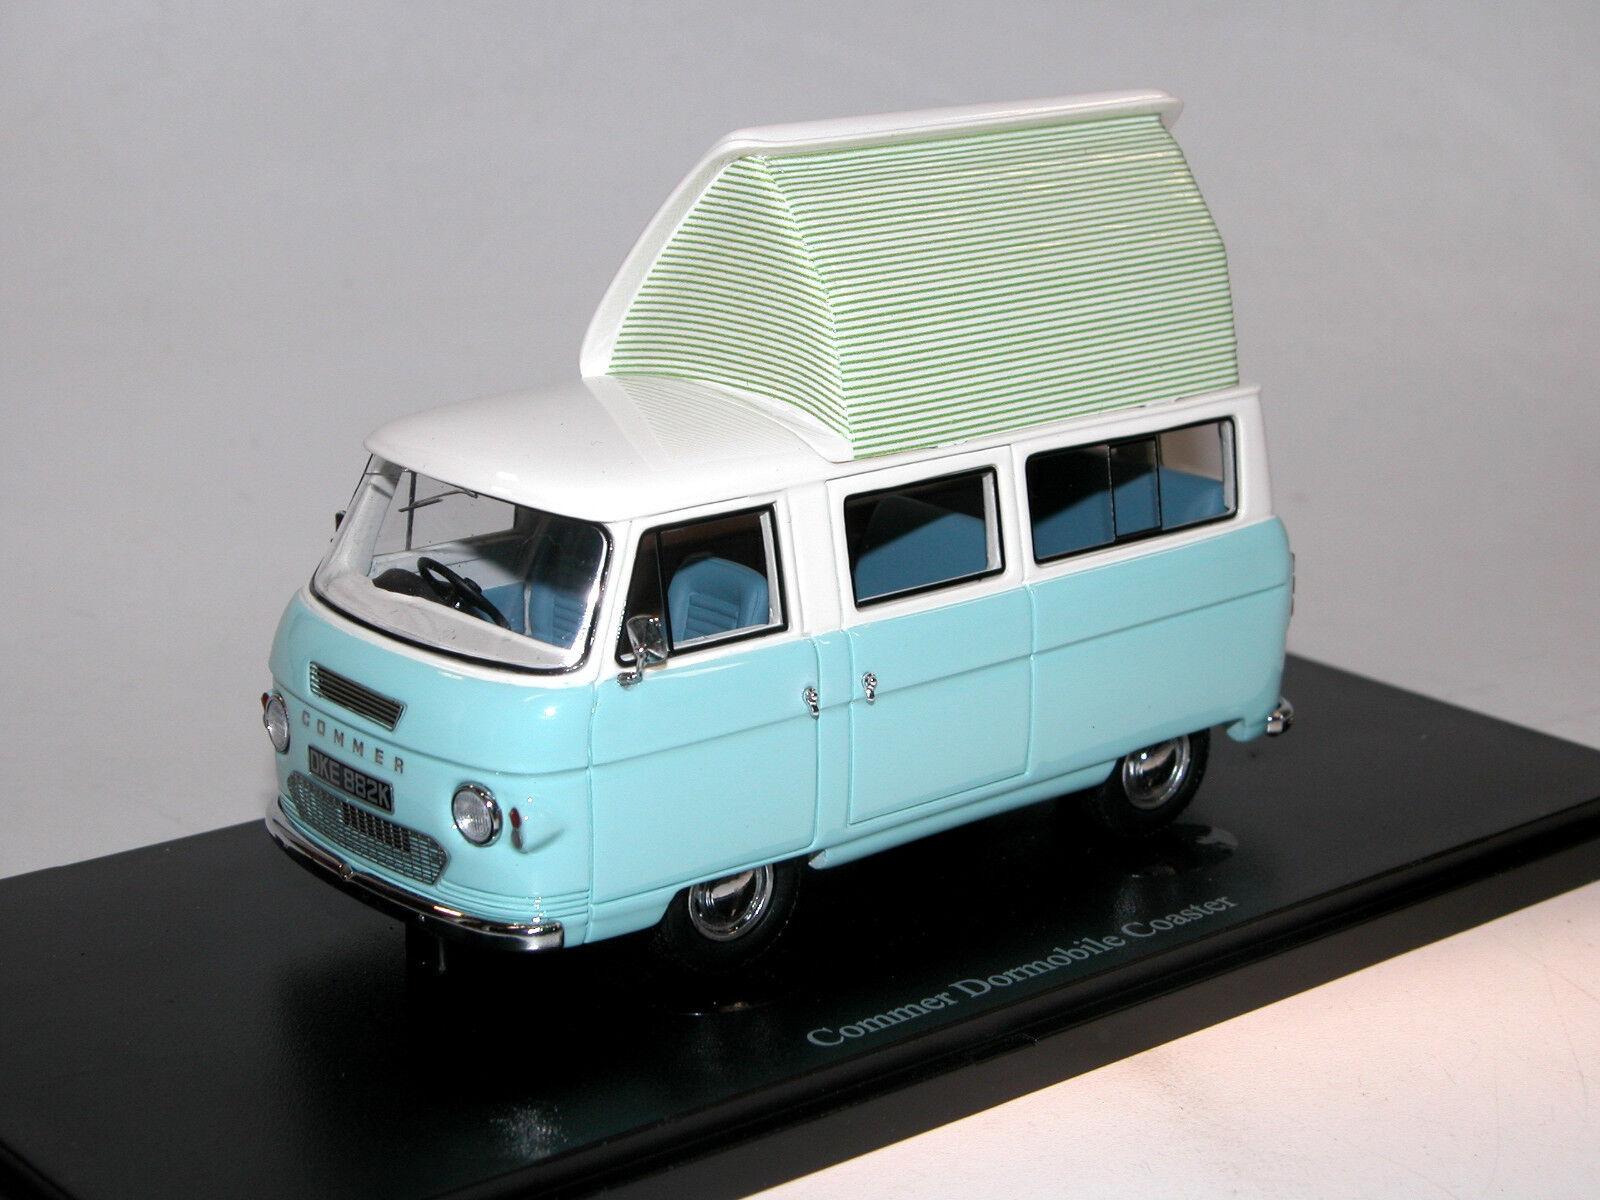 Autocult 09002 1972 durch bus fahren, wohnmobil, wohnwagen, zelten, 1   43